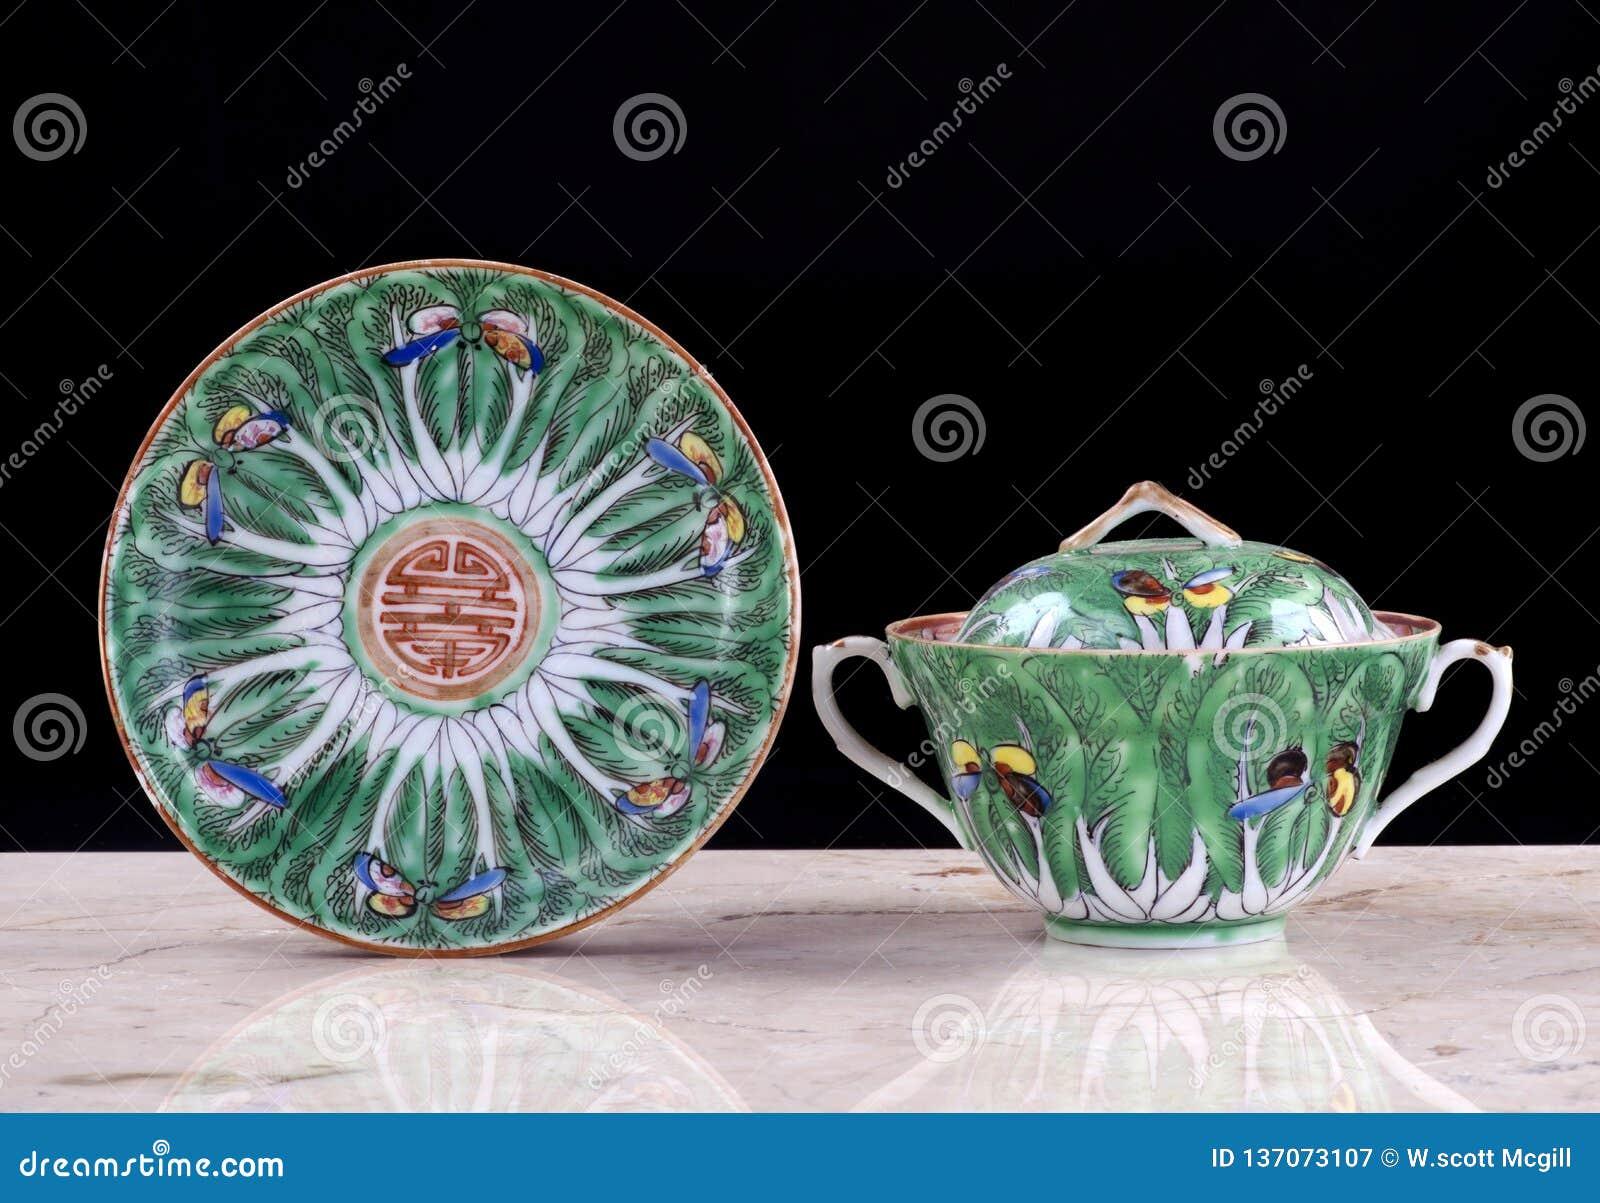 Chinesisches Export-Porzellan